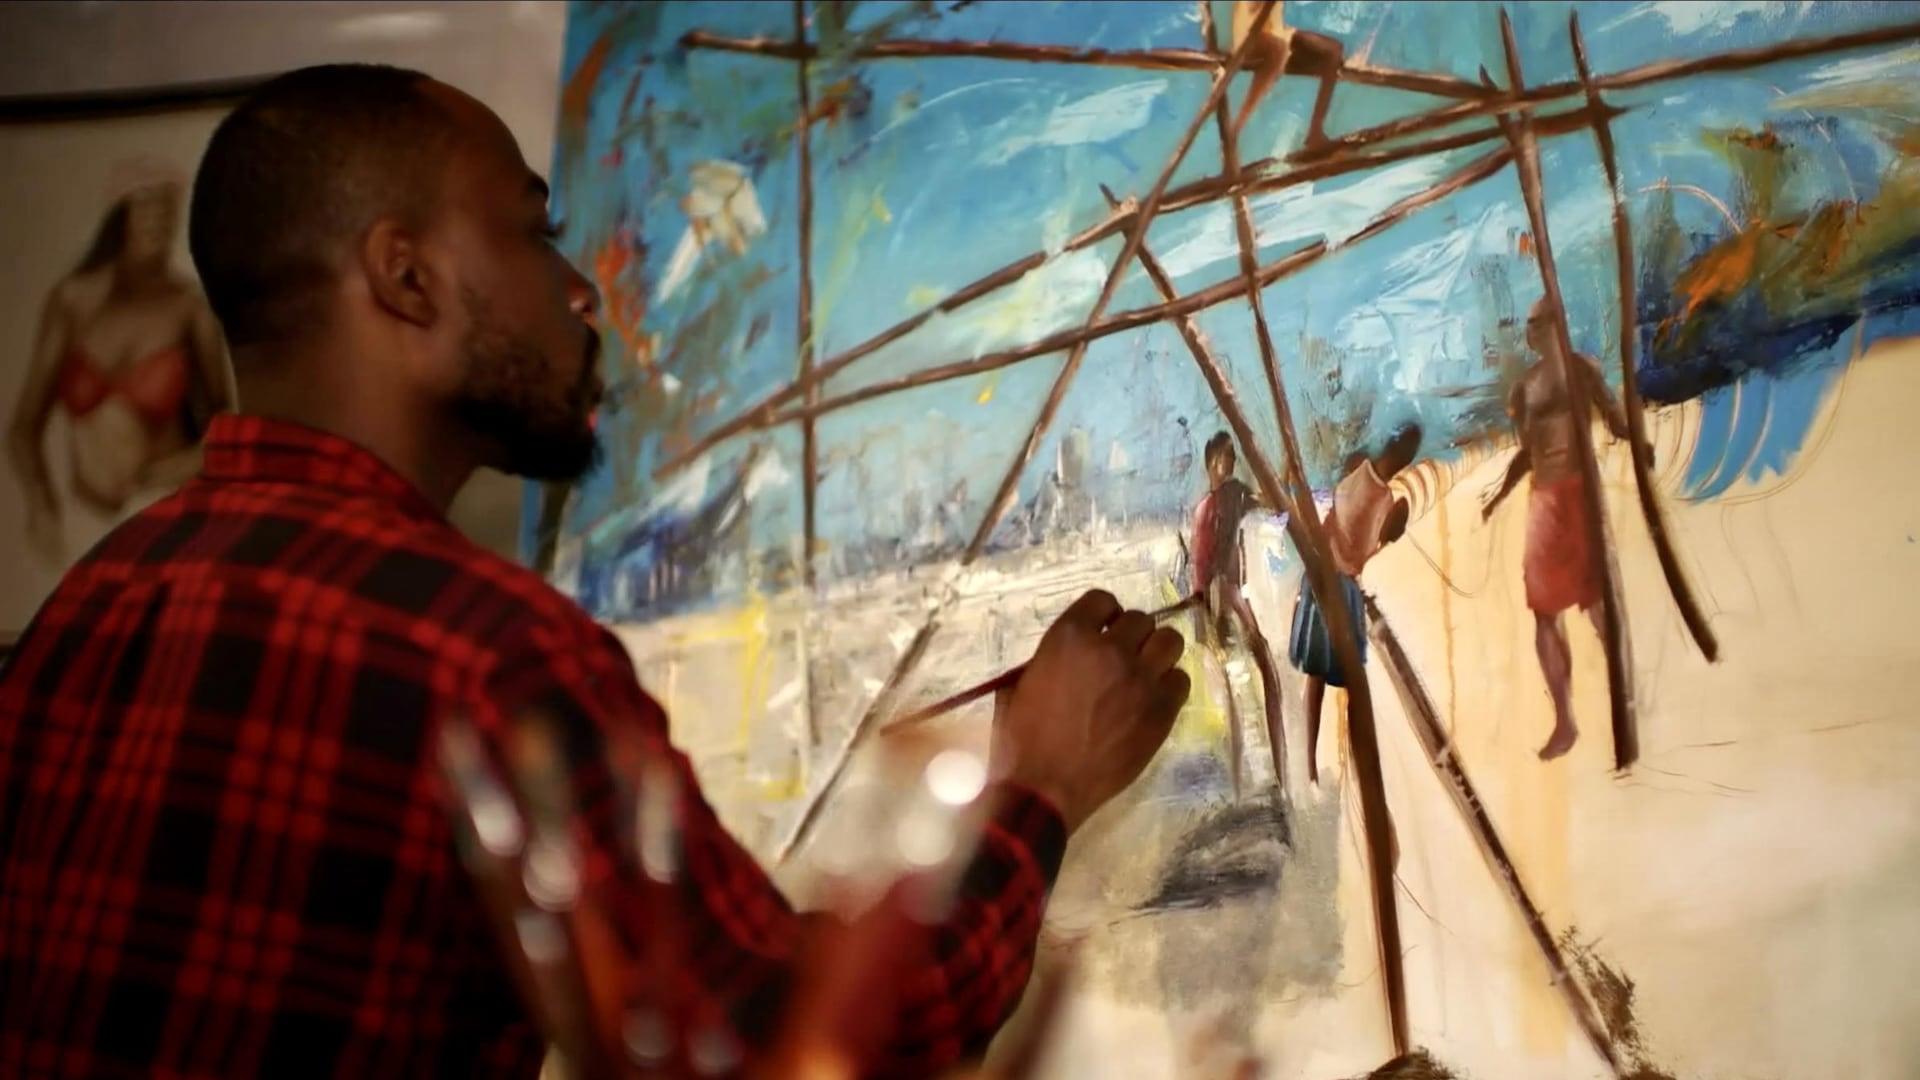 L'artiste Xavier Mutshipayi peignant un tableau, dans son atelier.